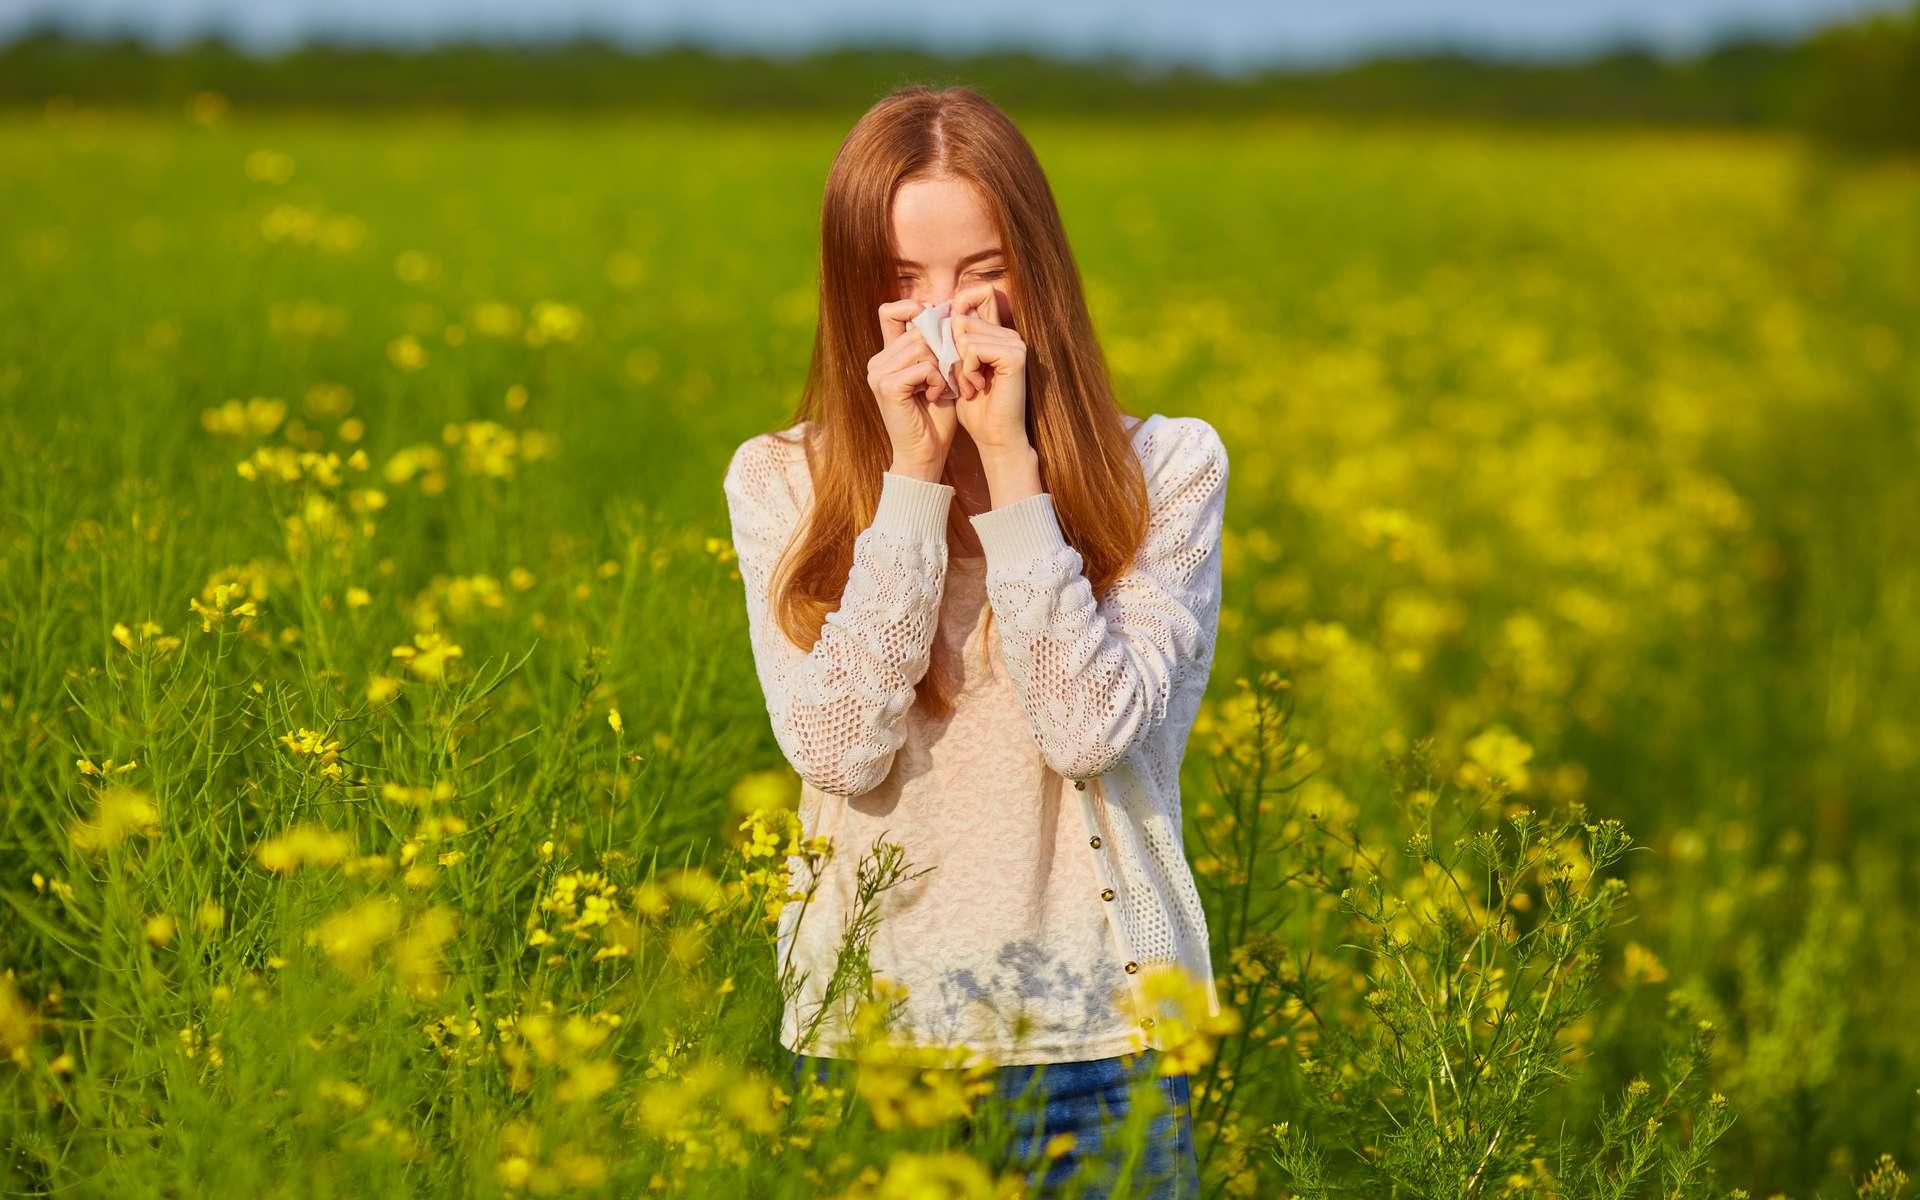 Printemps et été : deux saisons redoutées par les personnes allergiques. © Saharrr, Adobe Stock